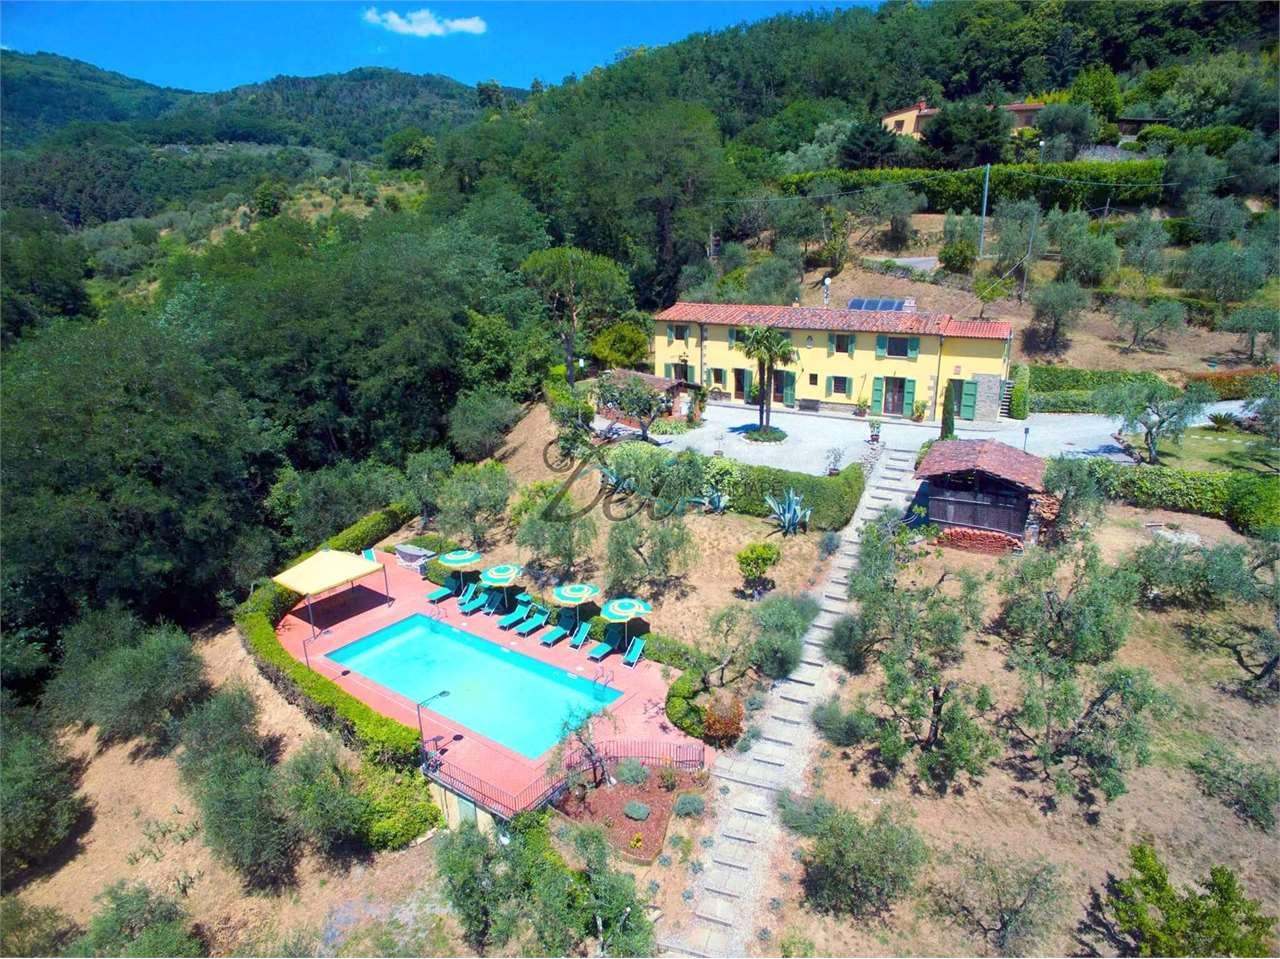 Rustico / Casale in vendita a Montecatini-Terme, 14 locali, zona Zona: Montecatini Alto, prezzo € 980.000 | CambioCasa.it